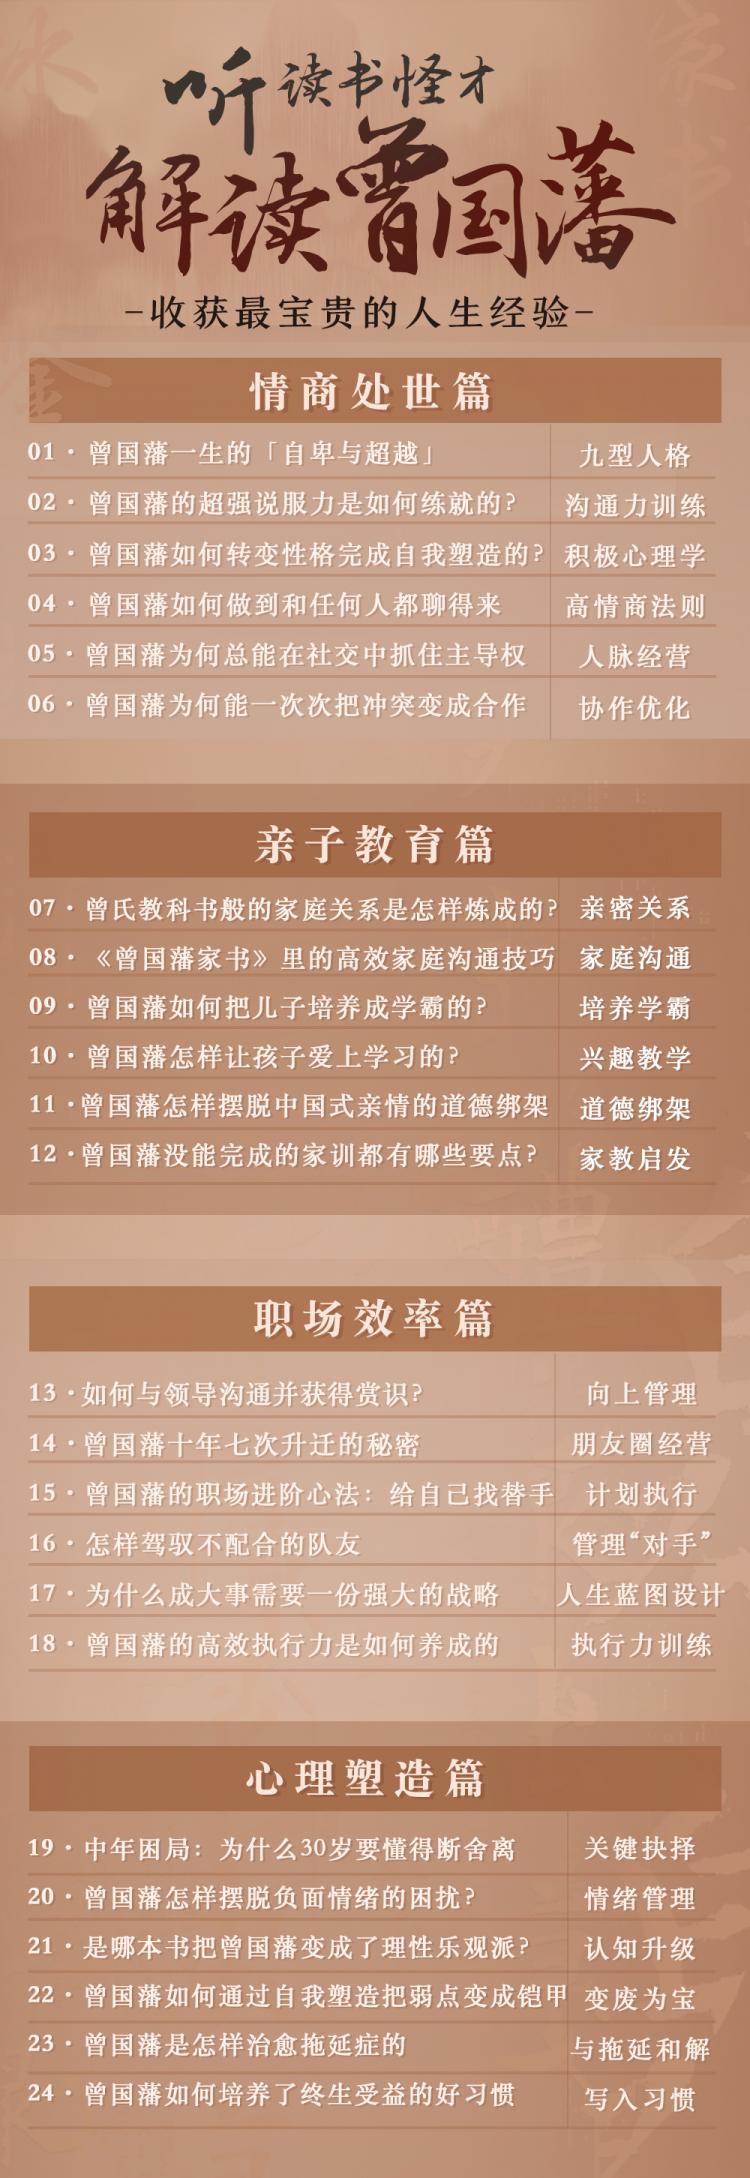 课程表2-2.jpg